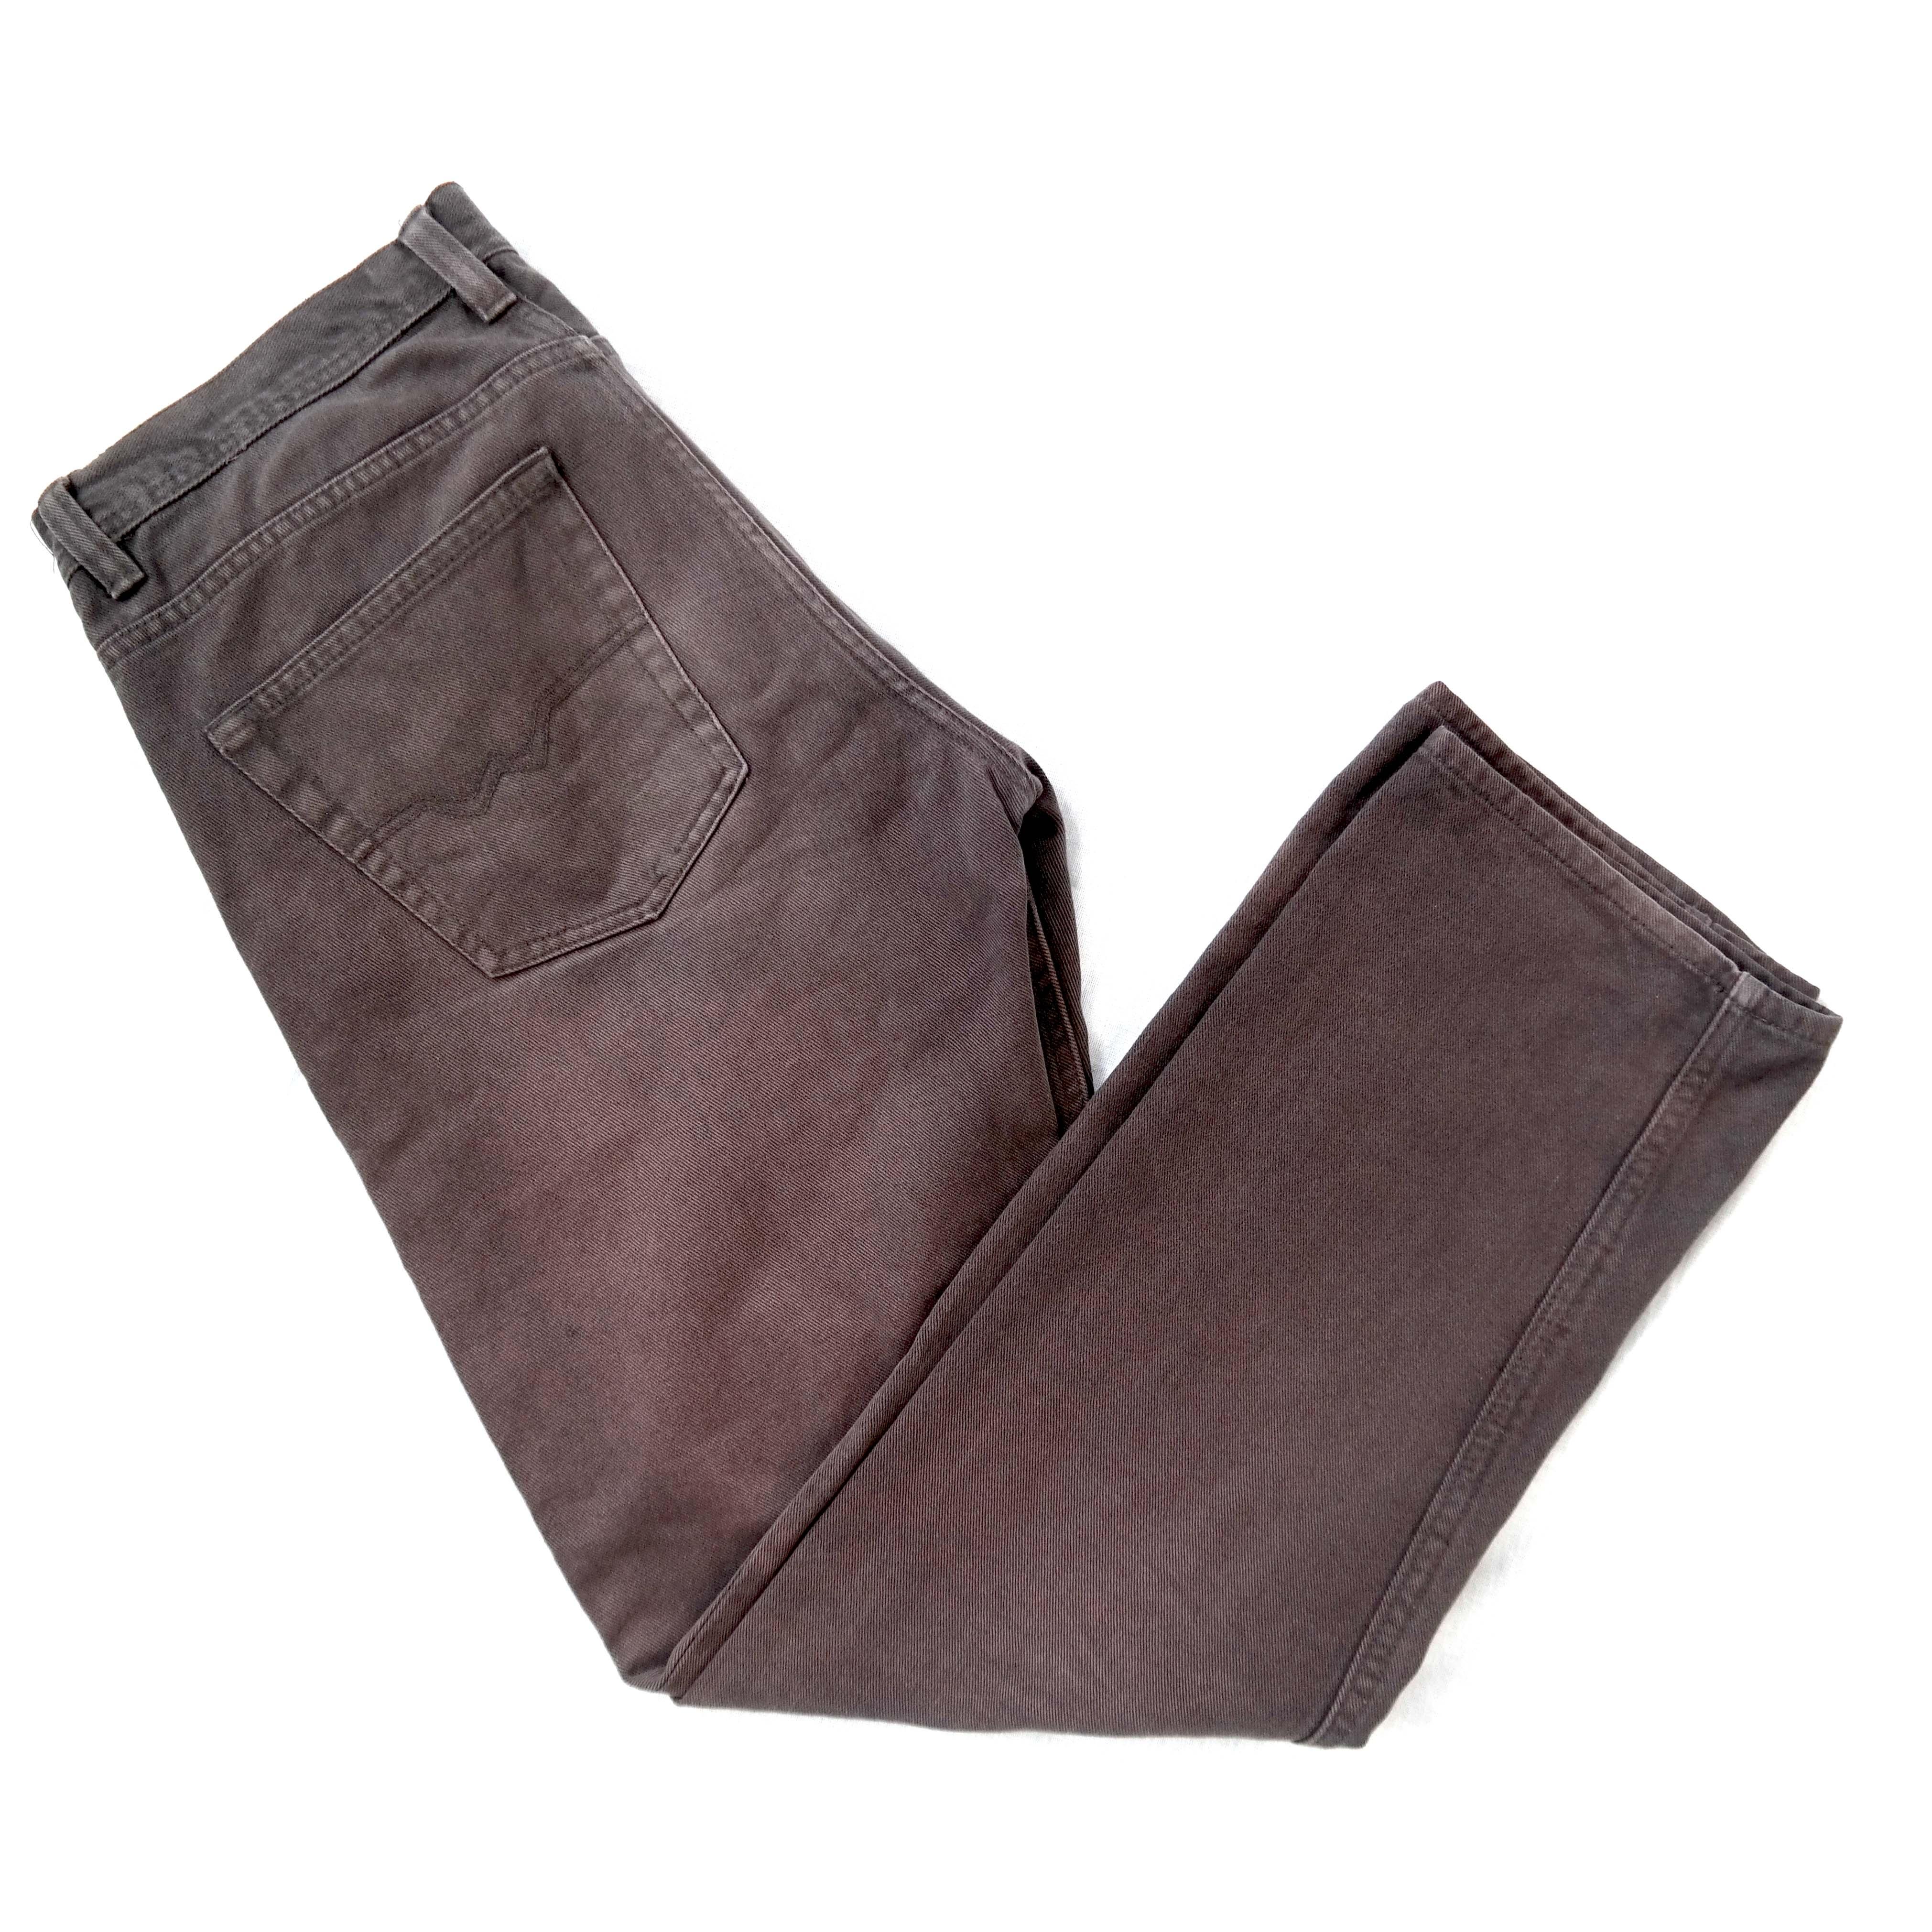 Мужские коричневые джинсы в Челябинске